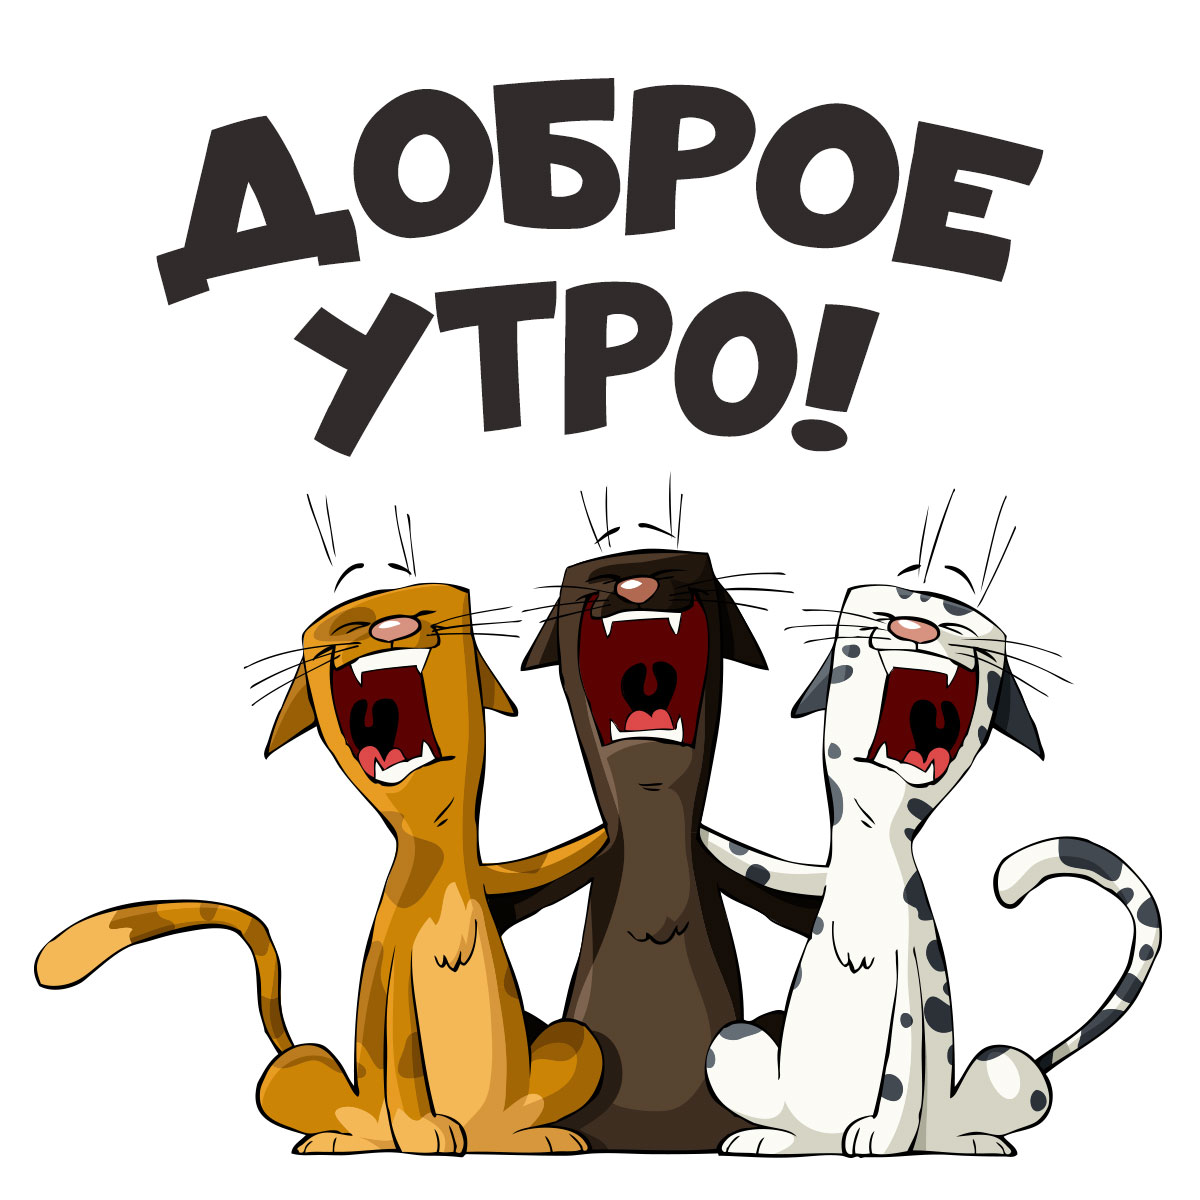 Картинка с кричащими котами и надписью доброе утро!